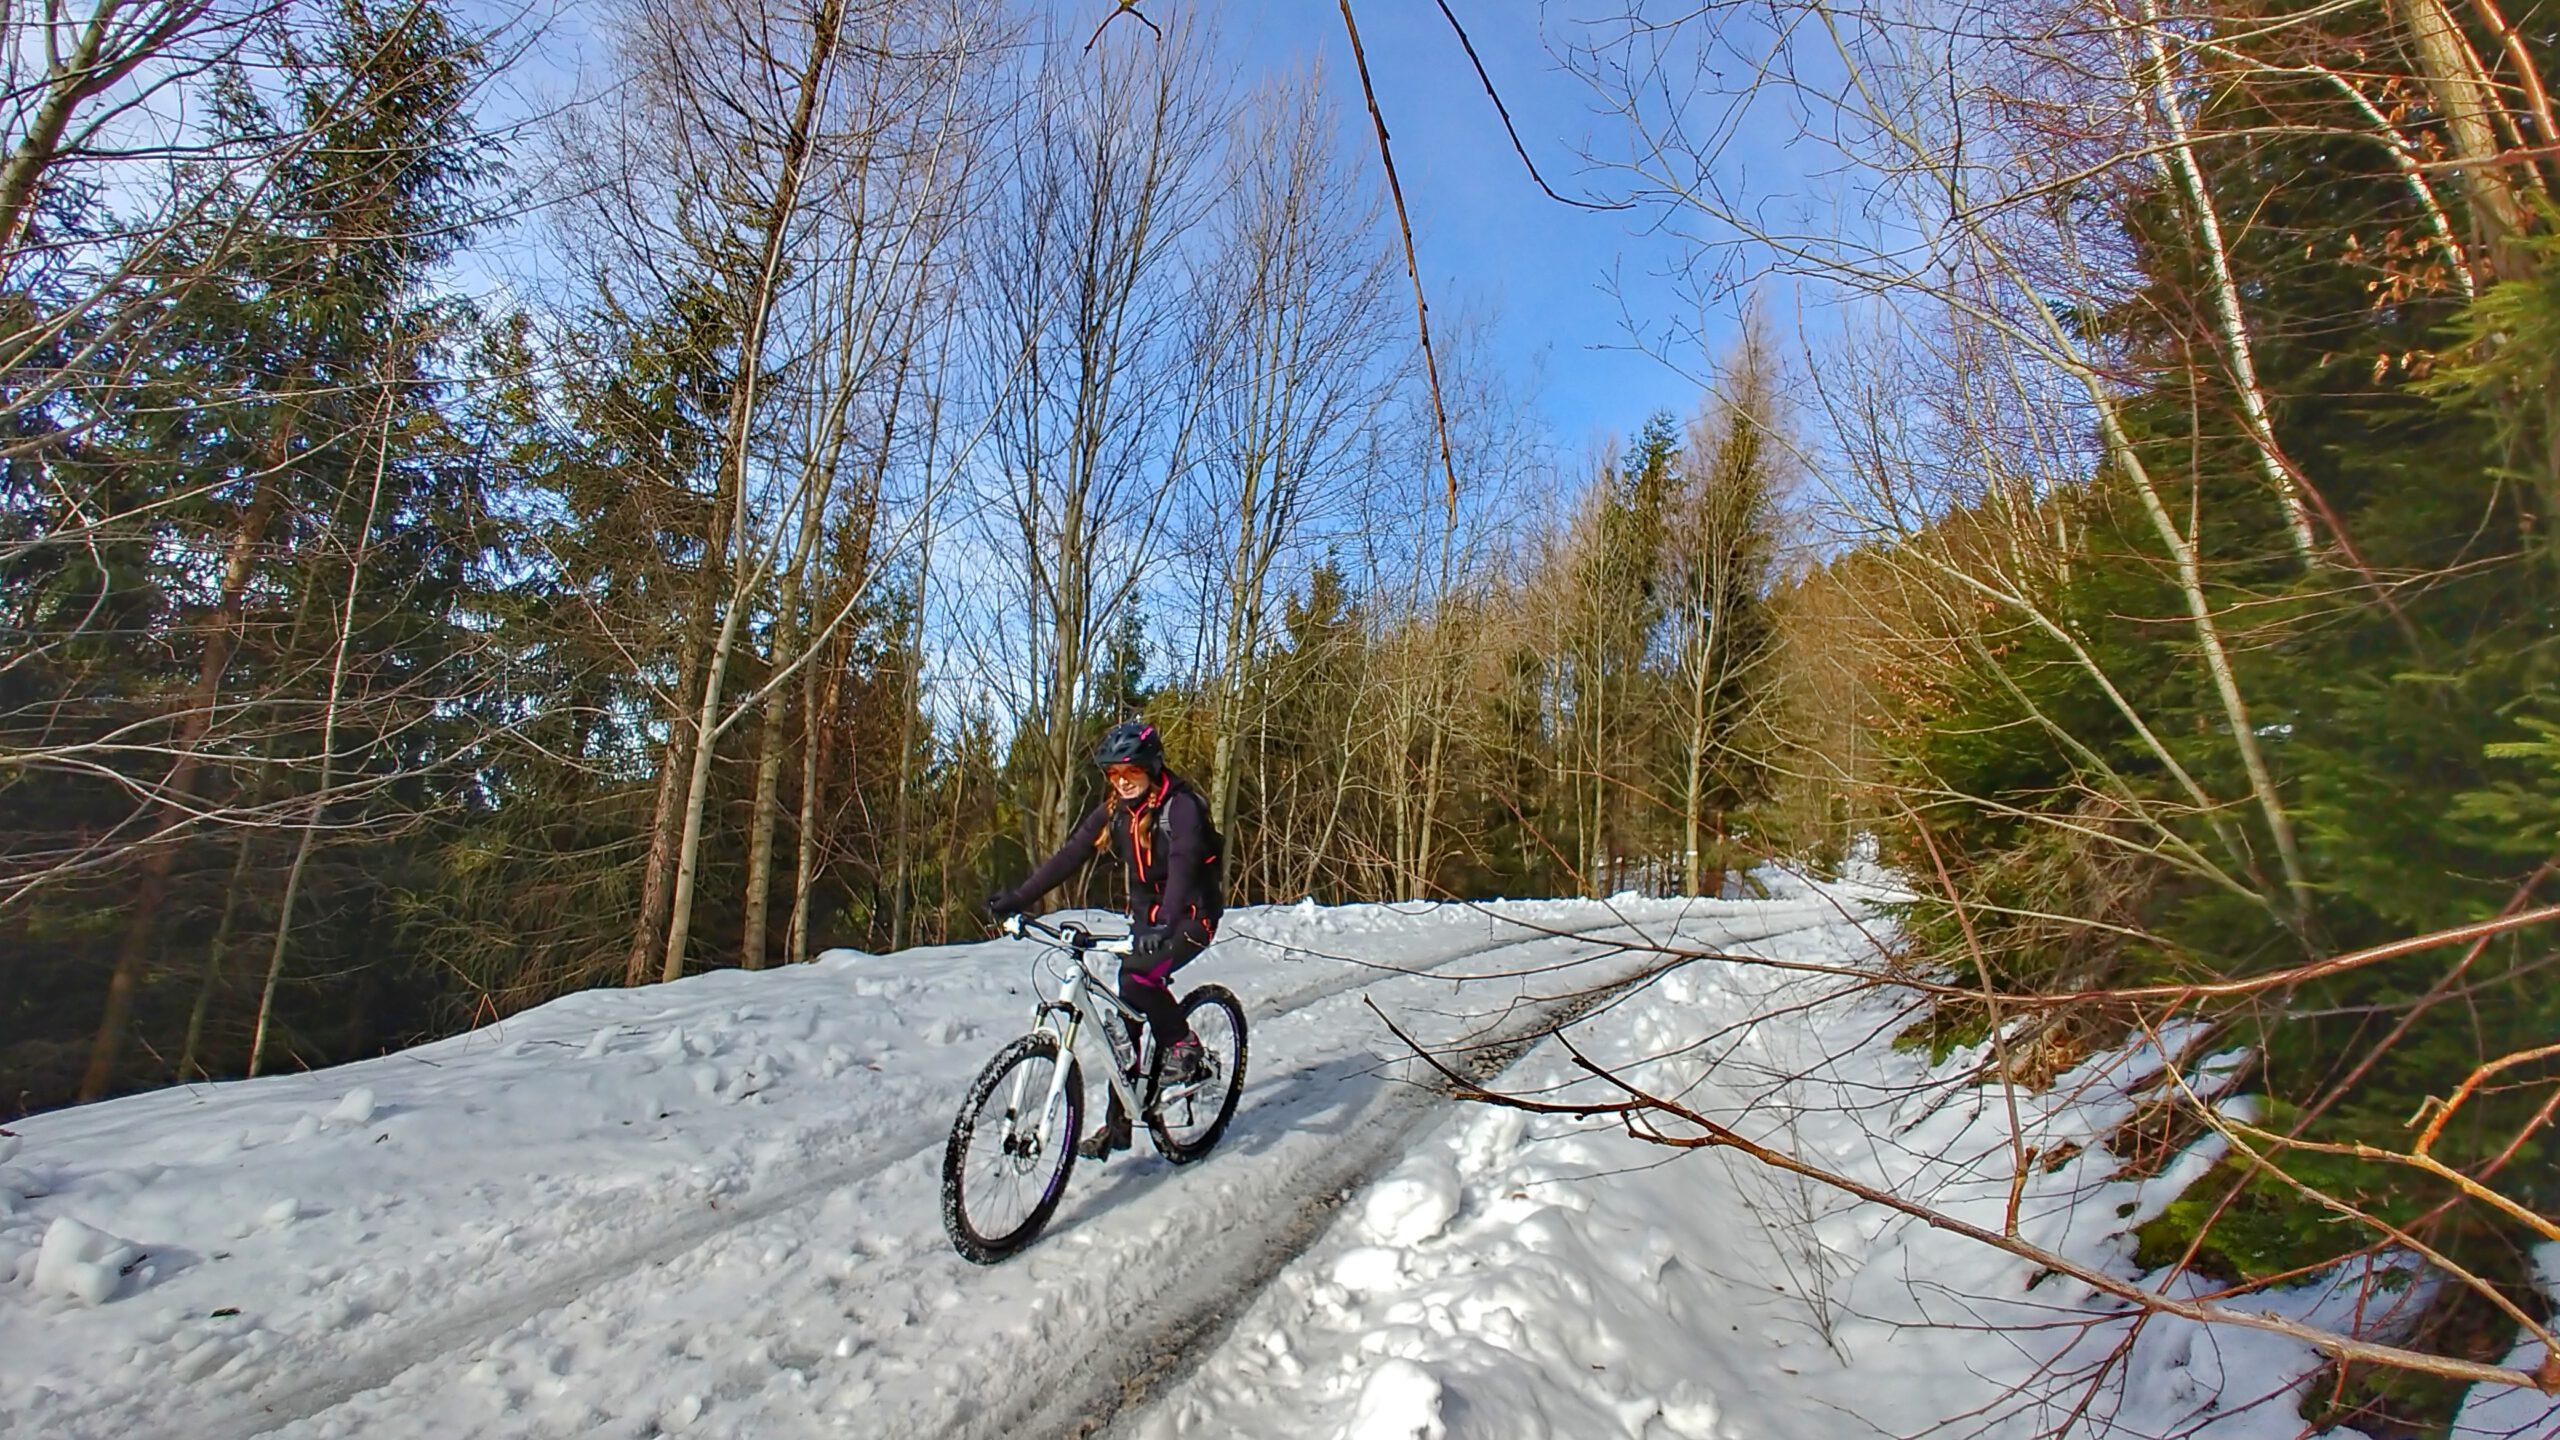 Górska zaśnieżona droga, dziewczyna jadąca na rowerze